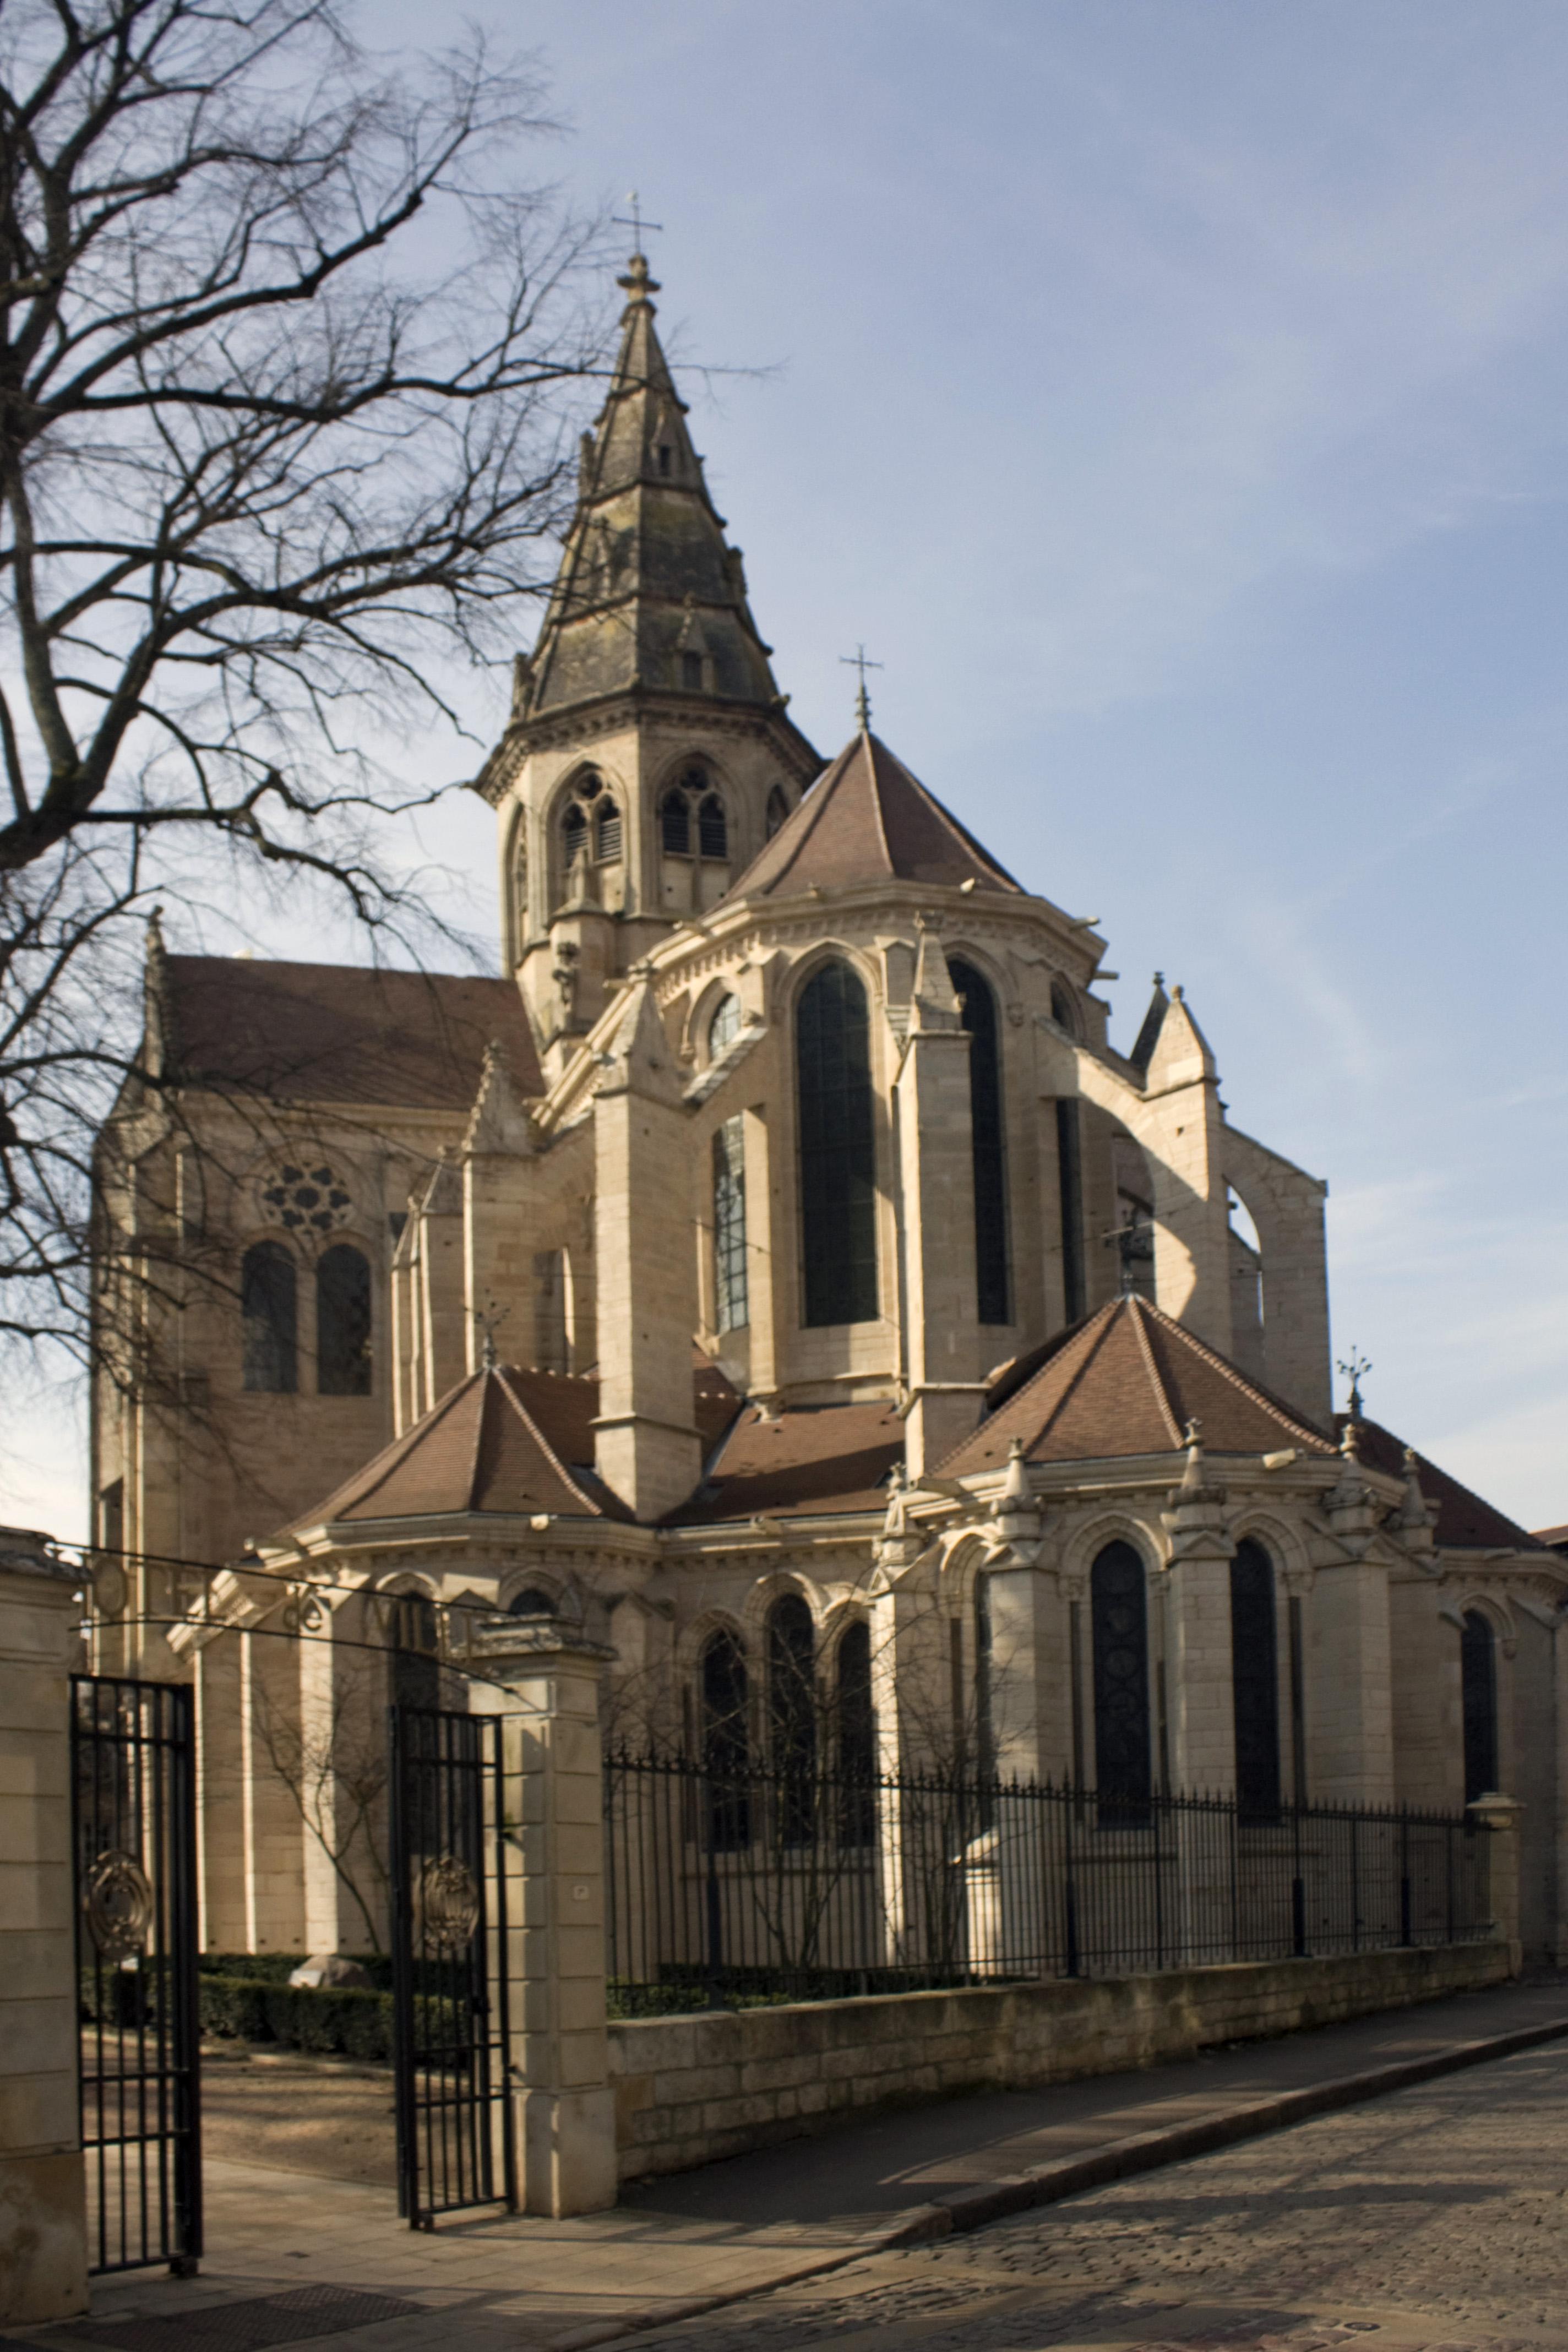 Достопримечательности Semur-en-Auxois - Коллегиальная церковь Нотр Дам